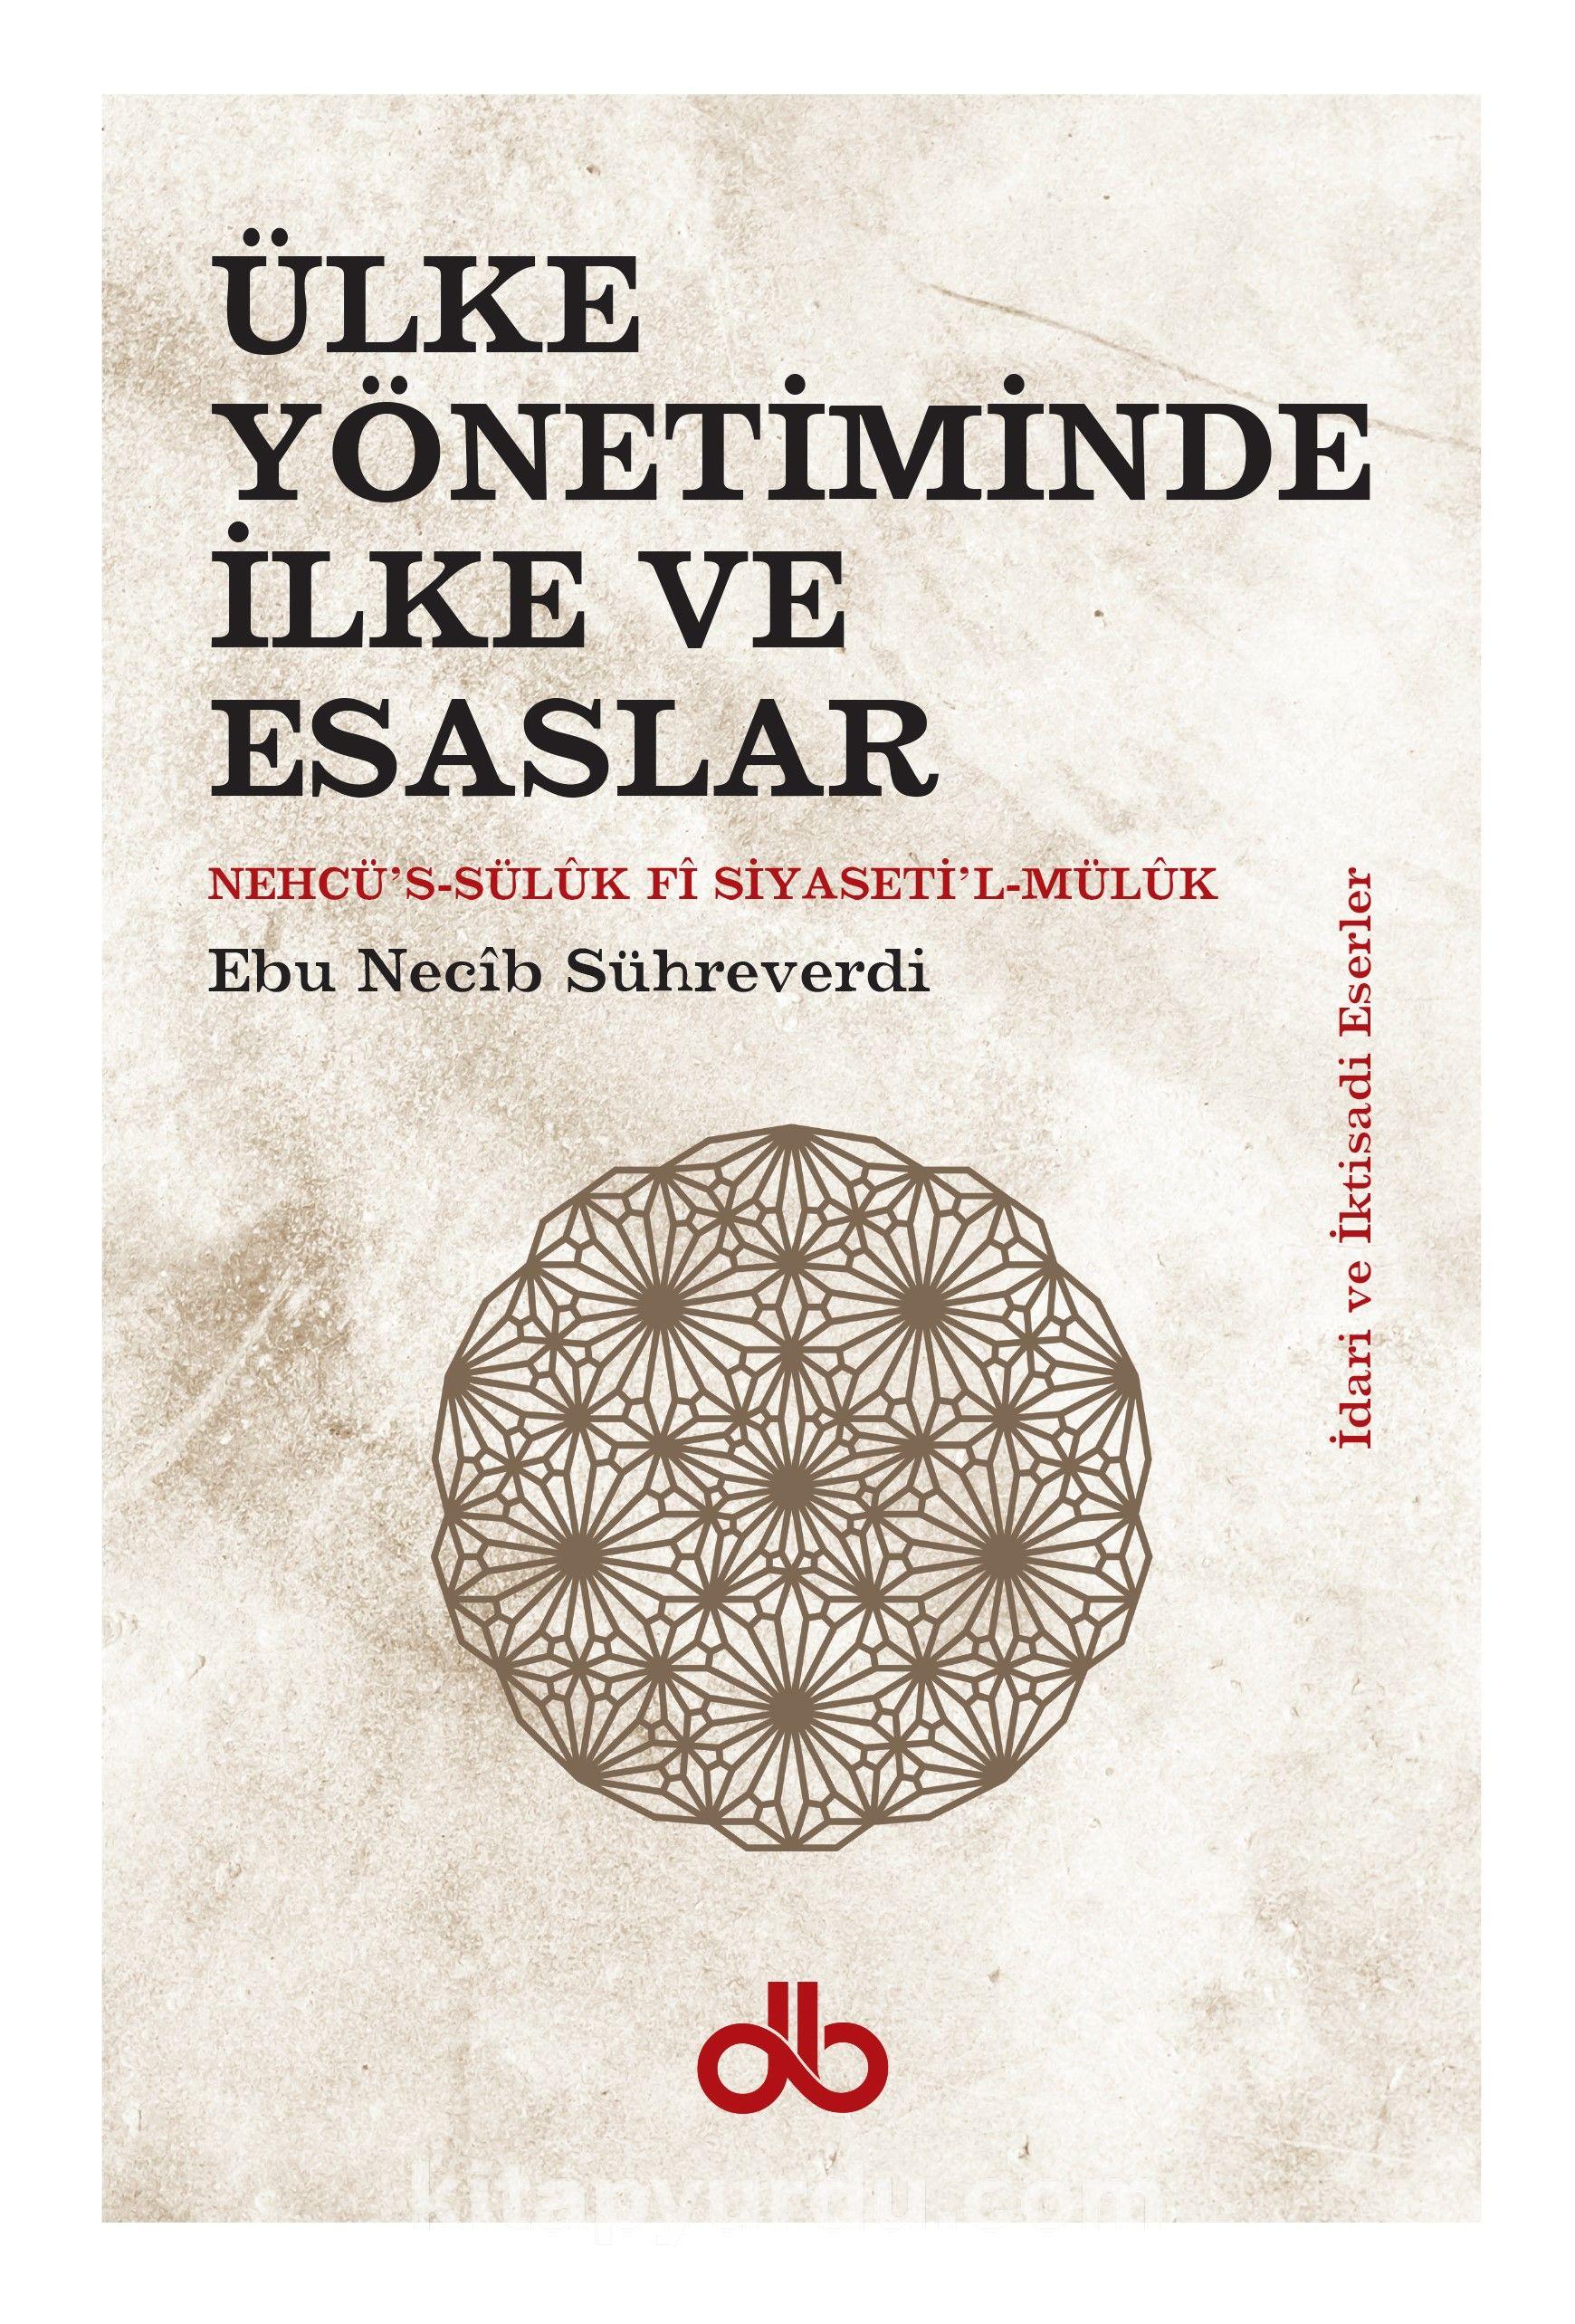 Ülke Yönetiminde İlke ve Esaslar - Ebu Necib Sühreverdi pdf epub